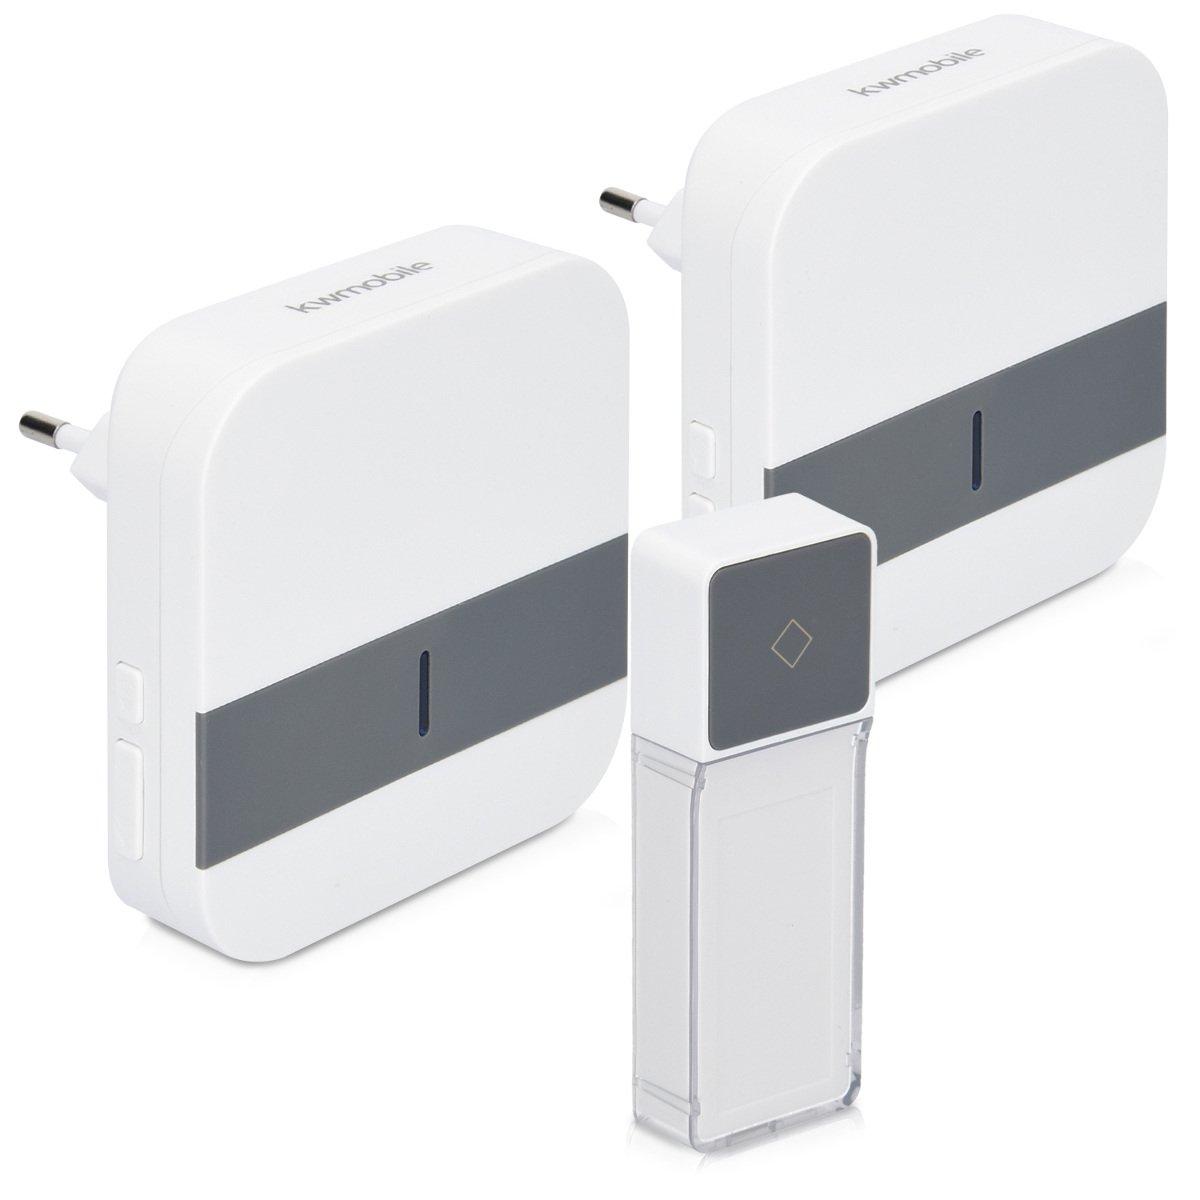 kwmobile Sonnette porte sans fil - Sonnette étanche maison jardin ou magasin 1x émetteur 2x récepteurs portée 300 m - 52 Sonneries - blanc gris product image